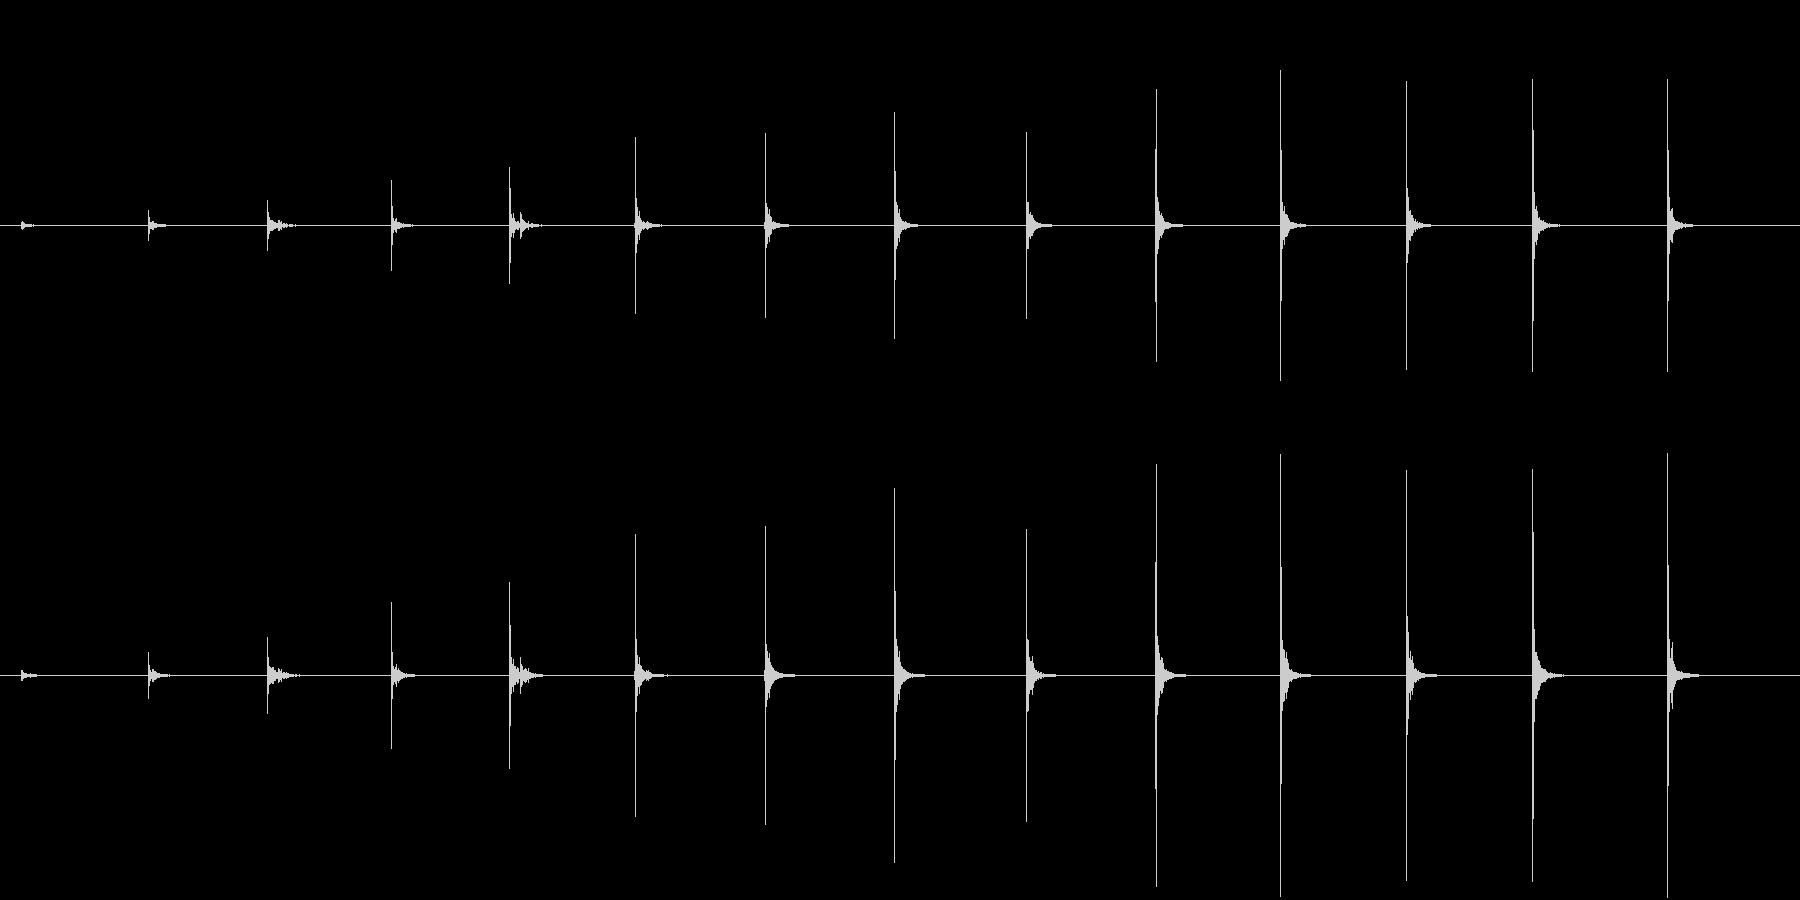 ハンマー:釘、木材、建設ハンマーの未再生の波形